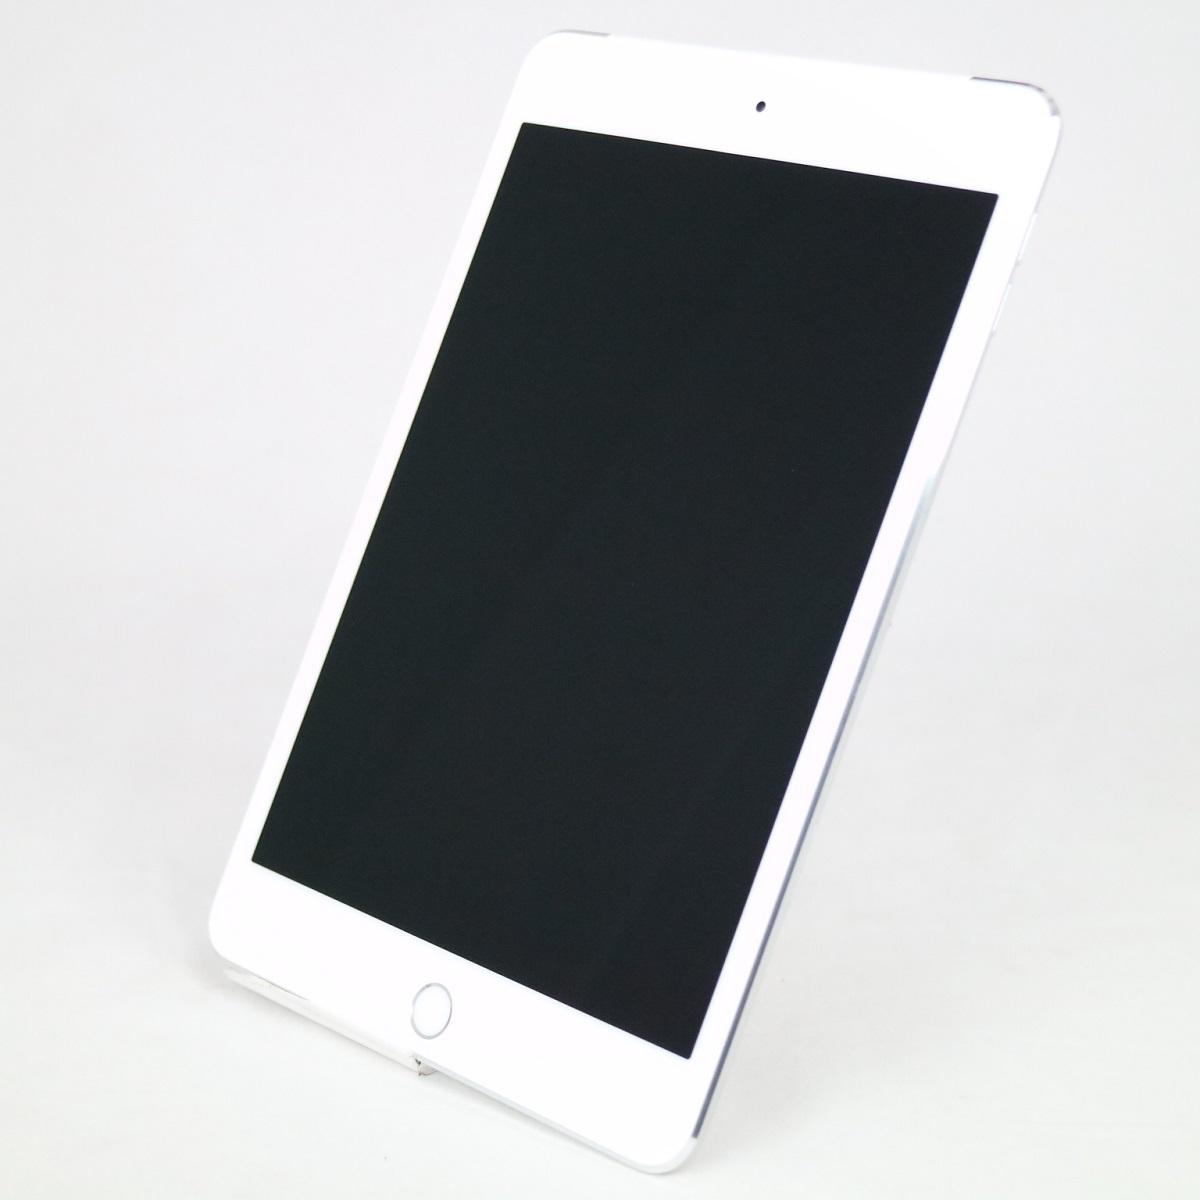 iPad mini 4 Wi-Fi +Cellular au MK772J A 新色 Bランク 中古 Cellular モデル 7.9インチ 128GB シルバー 国内正規品